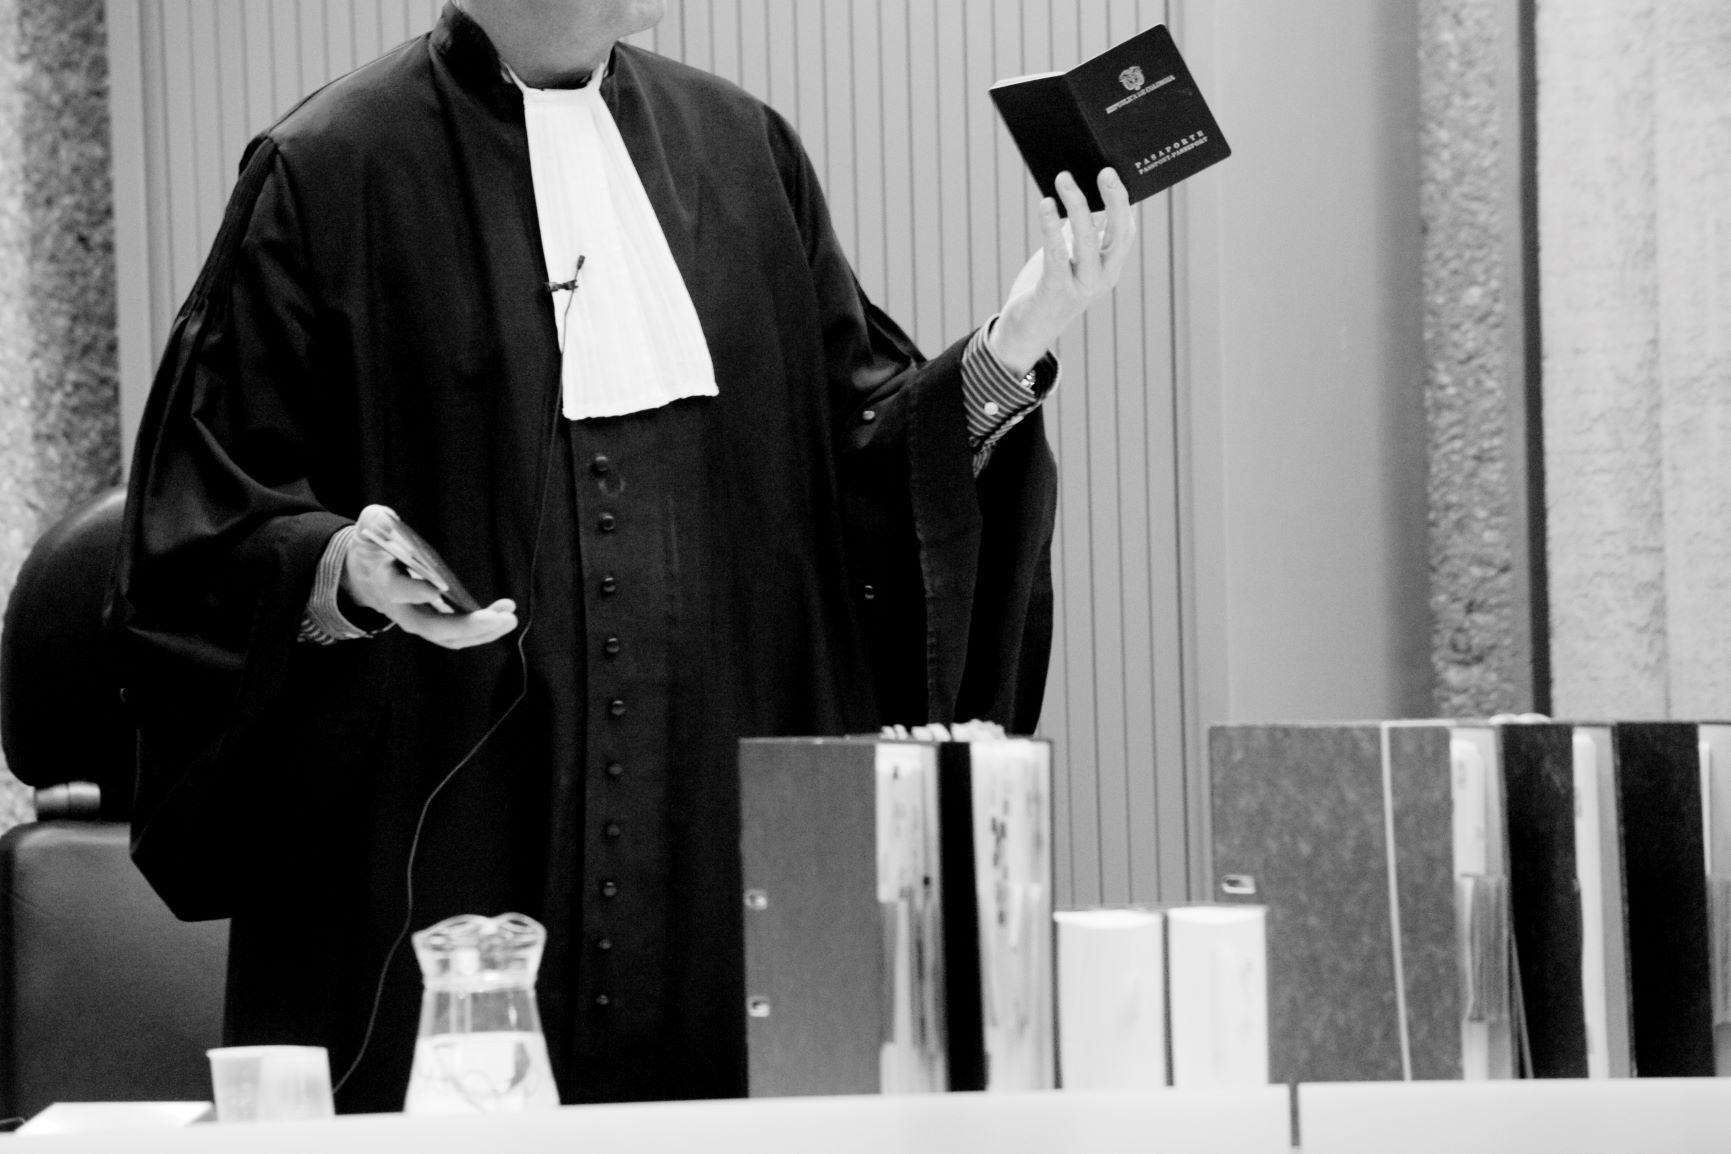 officier-rechtbank_5794zw-6738b69a